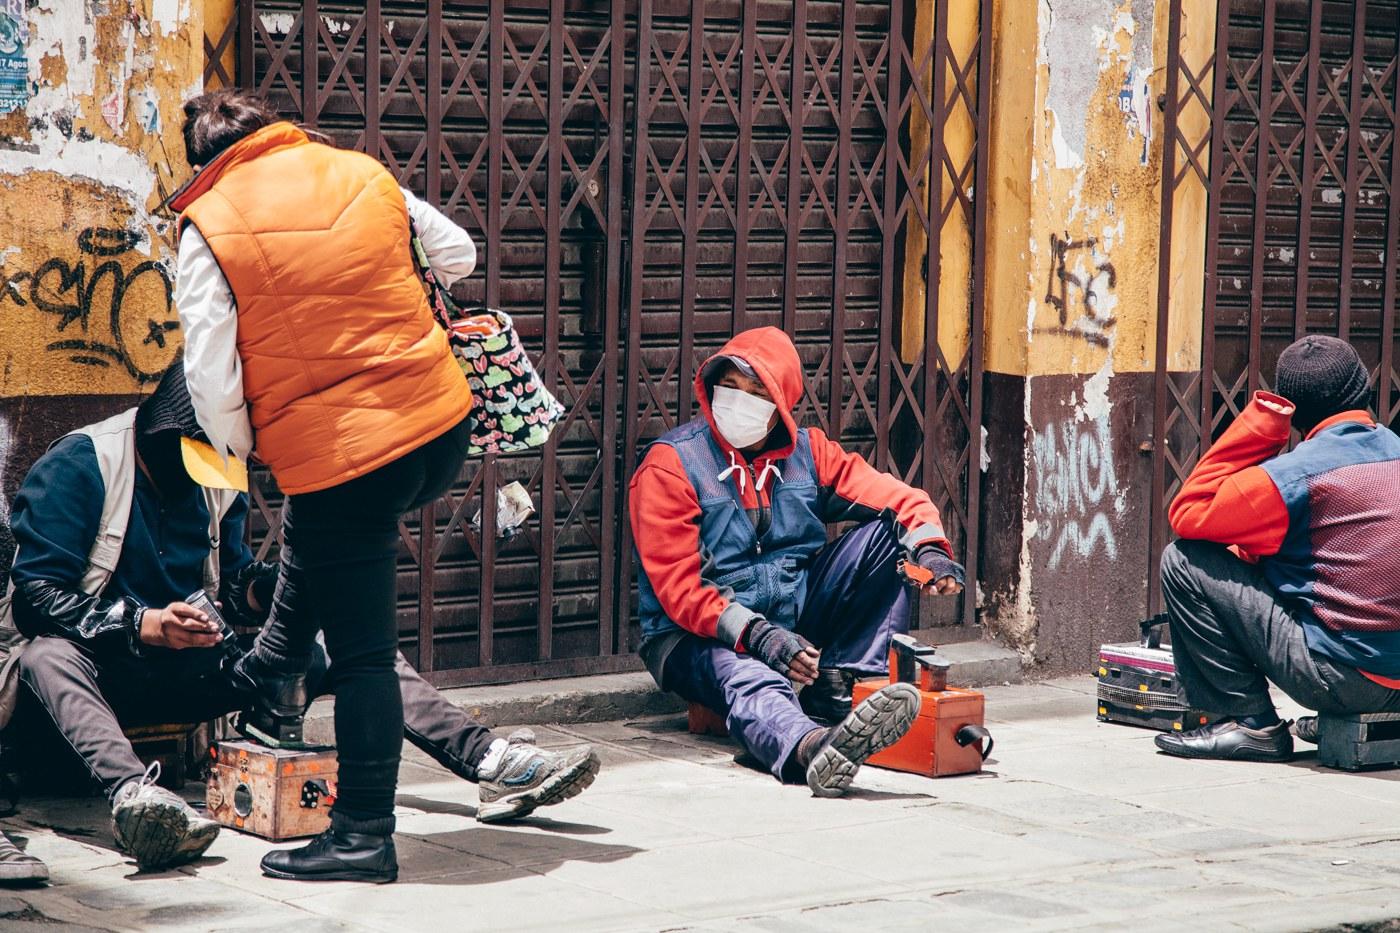 fotos de La Paz, Bolívia